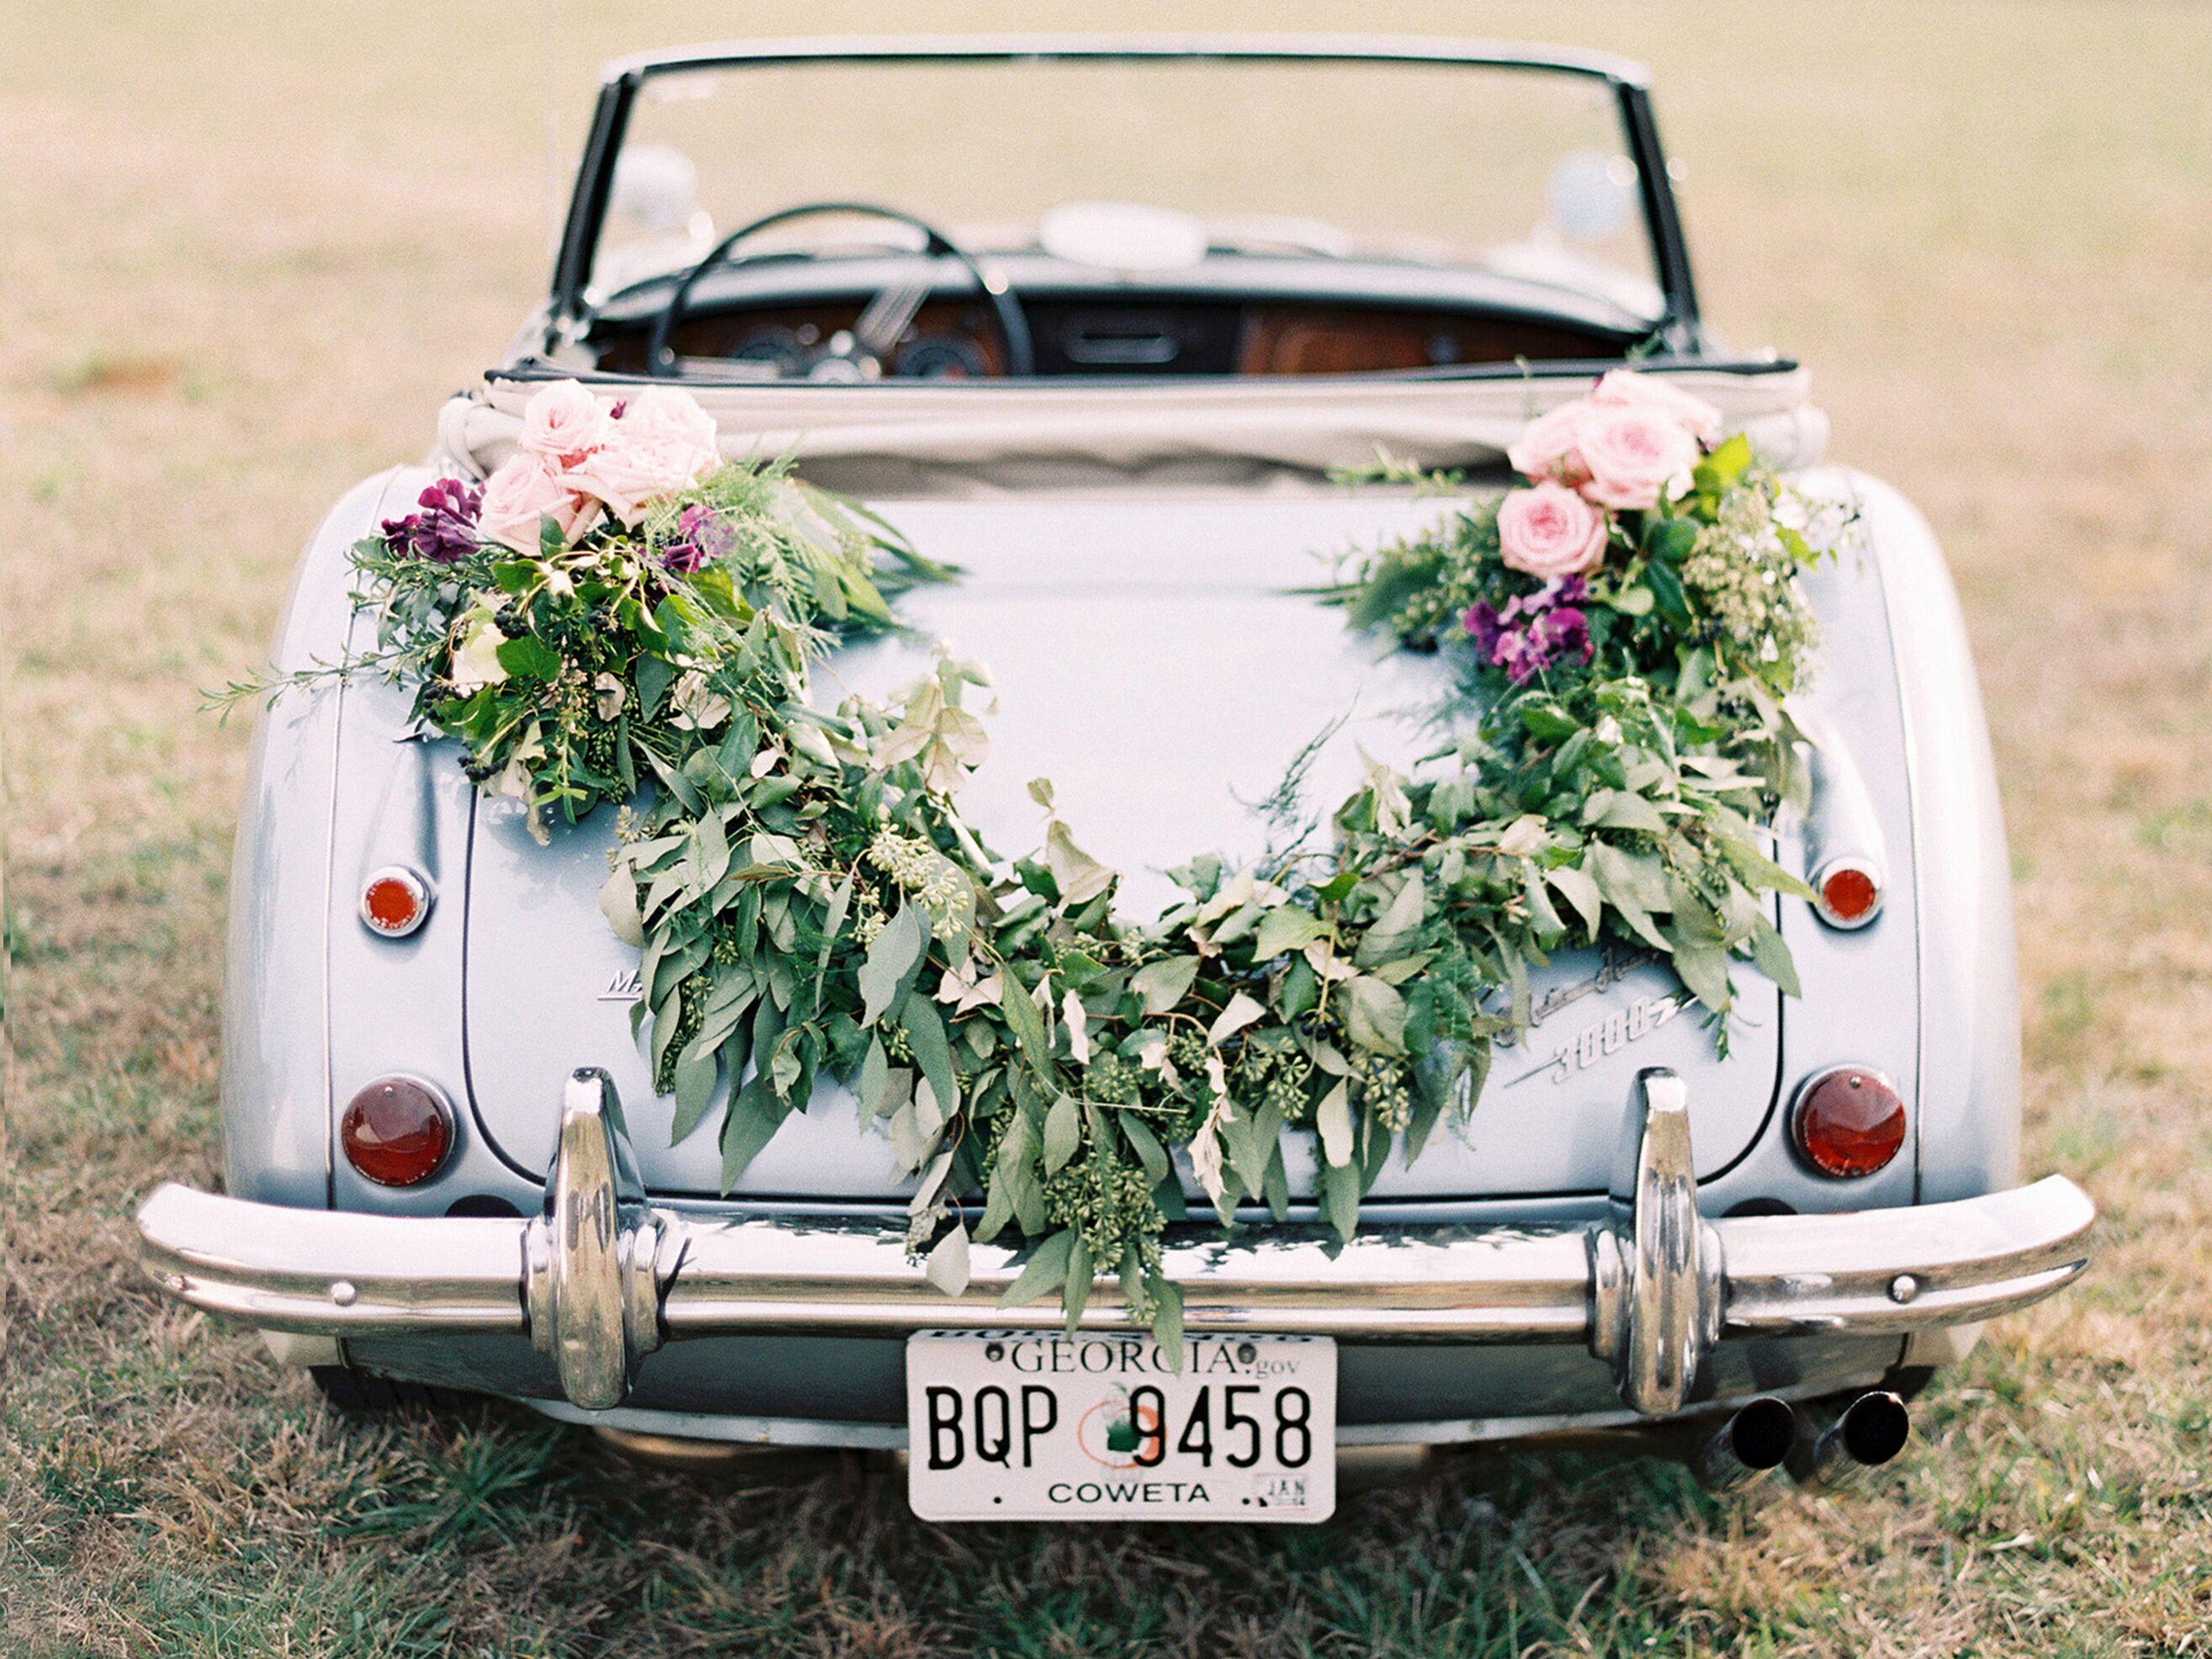 Old Fashioned Car Rentals For Weddings - Wedding Ideas 2018